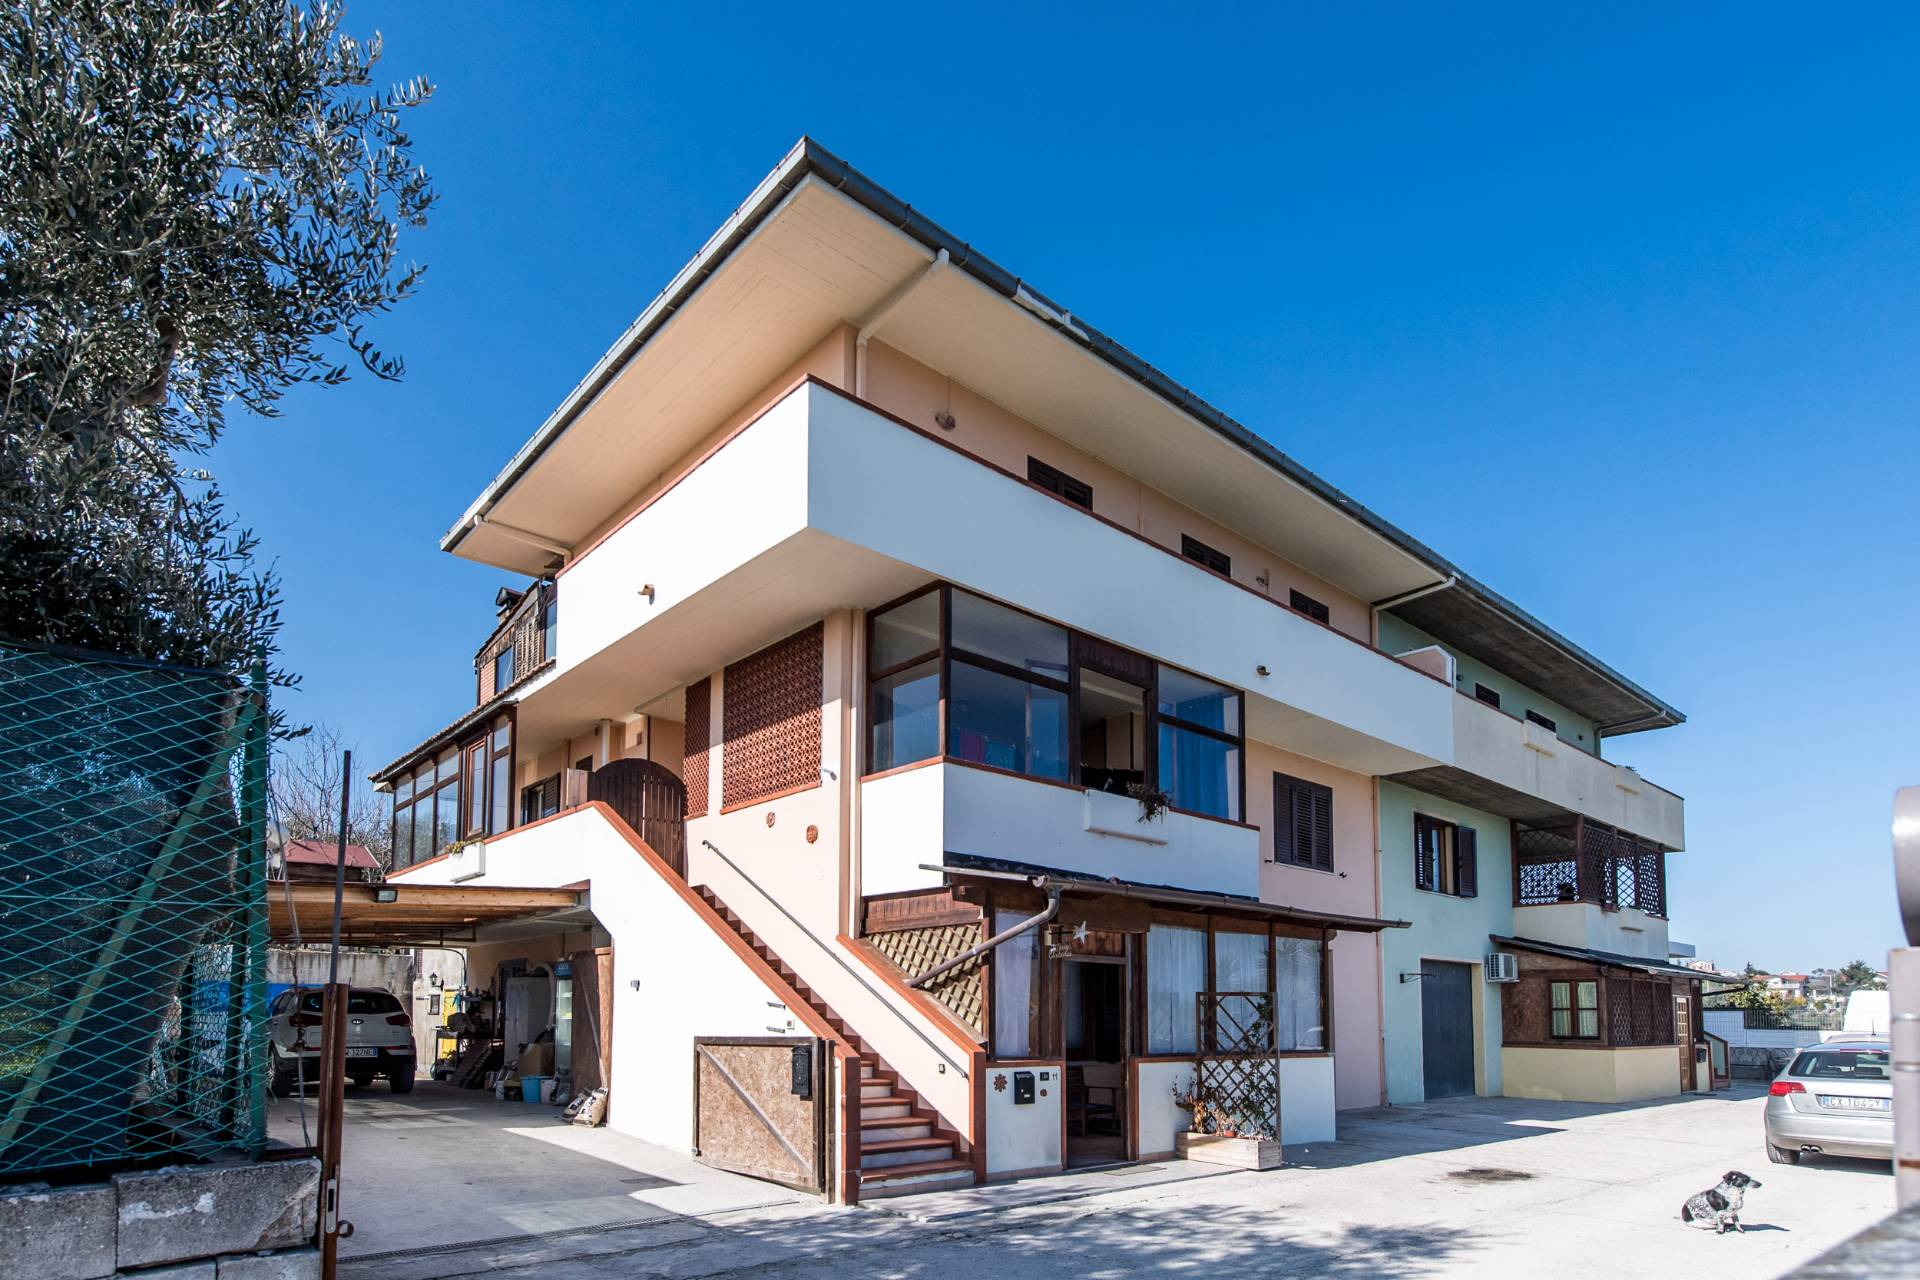 Soluzione Indipendente in vendita a Torrevecchia Teatina, 10 locali, prezzo € 260.000 | Cambio Casa.it